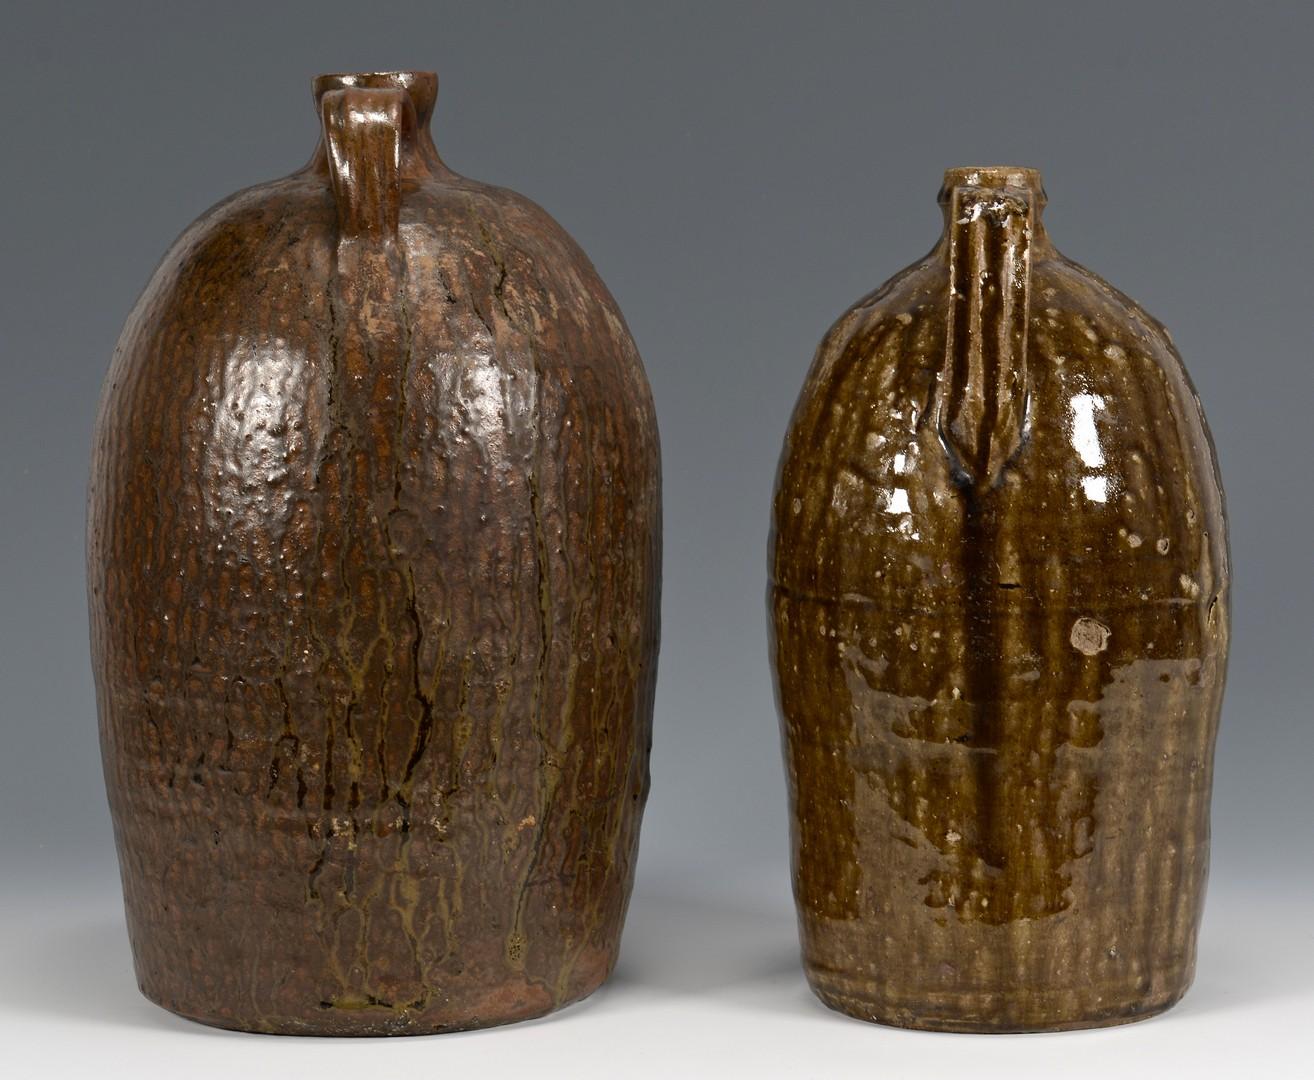 Lot 475: 2 GA Alkaline Glaze Stoneware Jugs